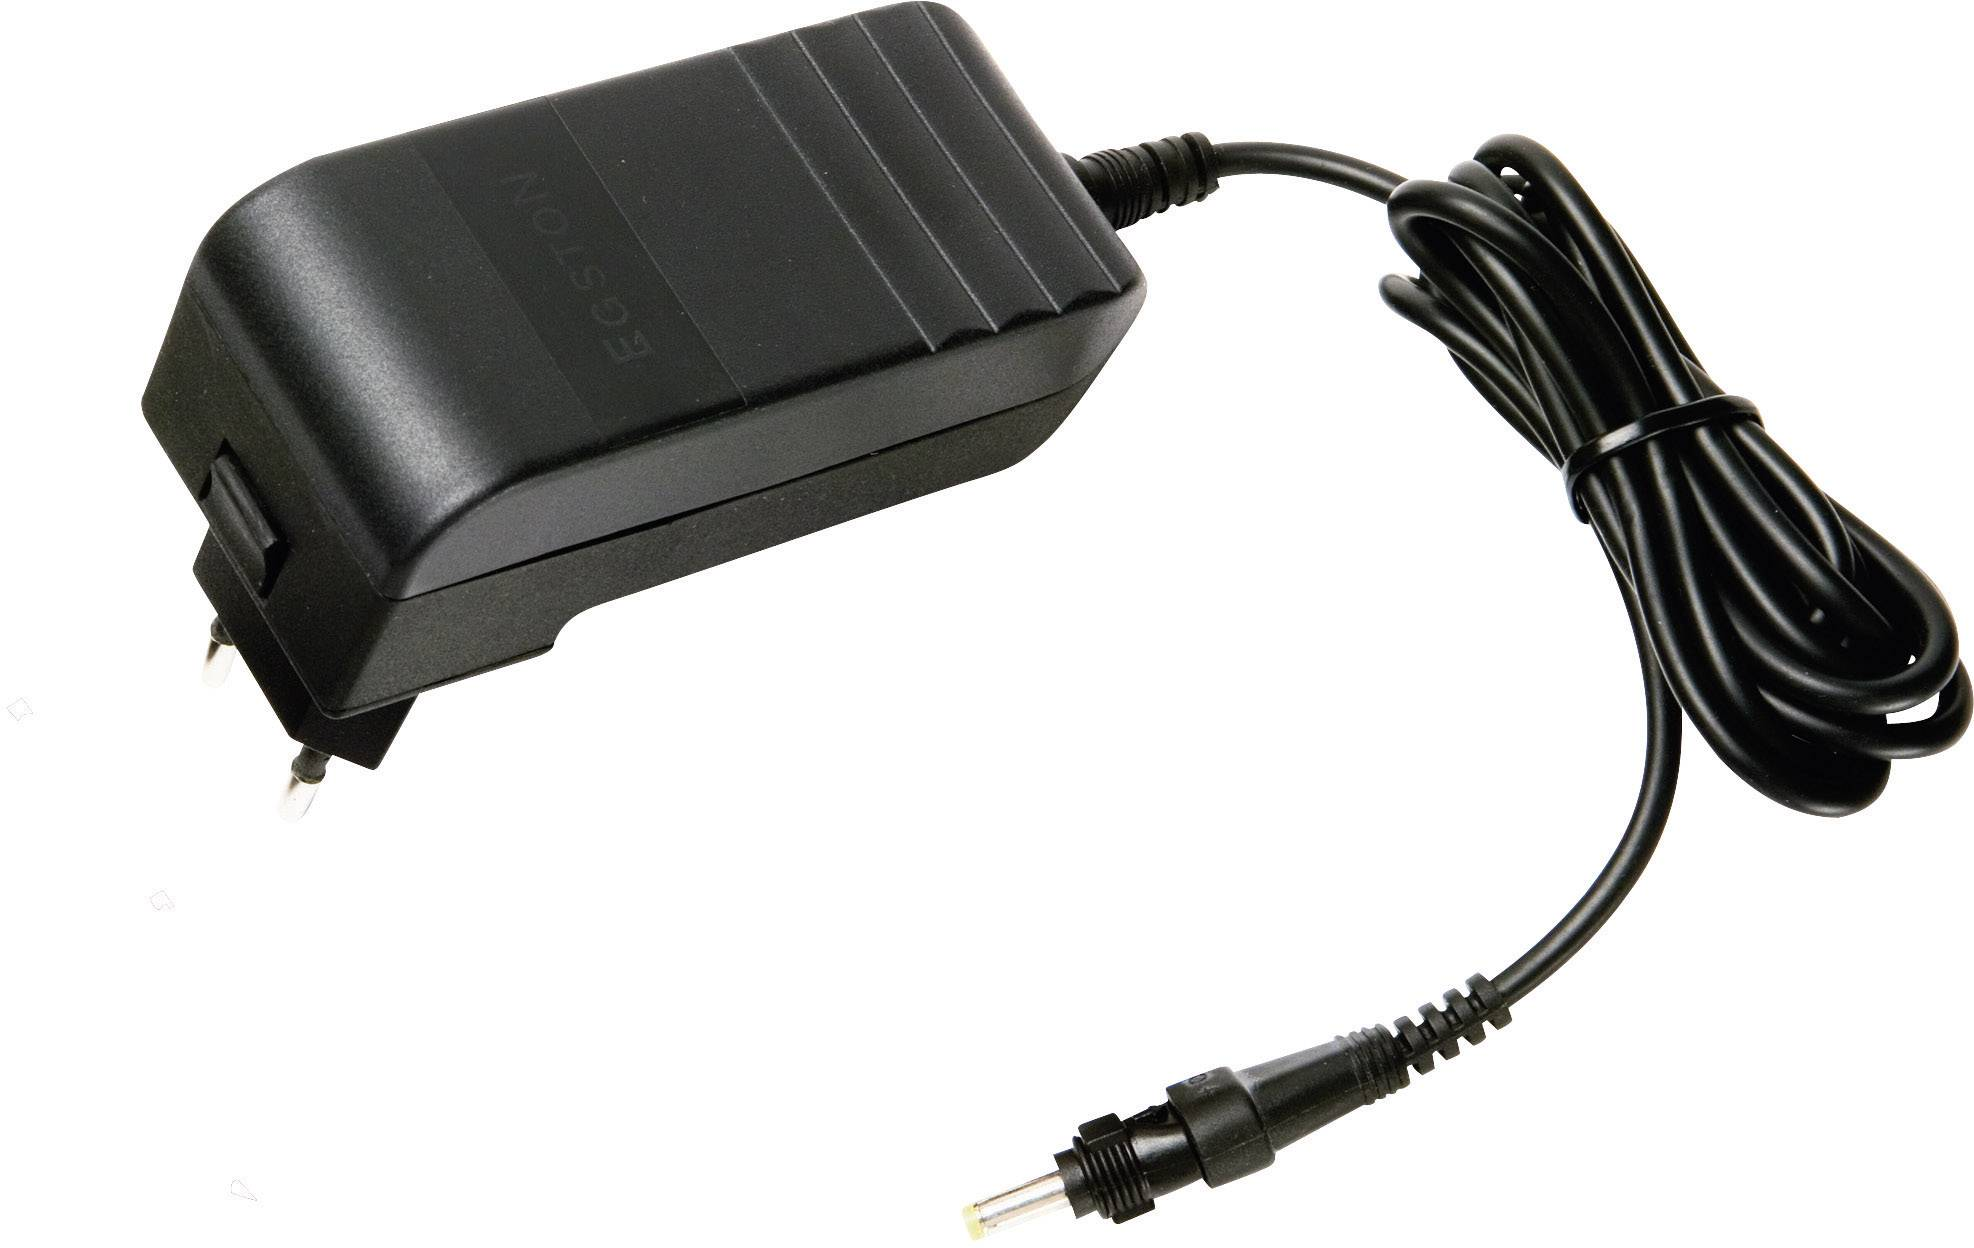 Zásuvkový adaptér so stálym napätím Egston 003920221, 12 W, 800 mA